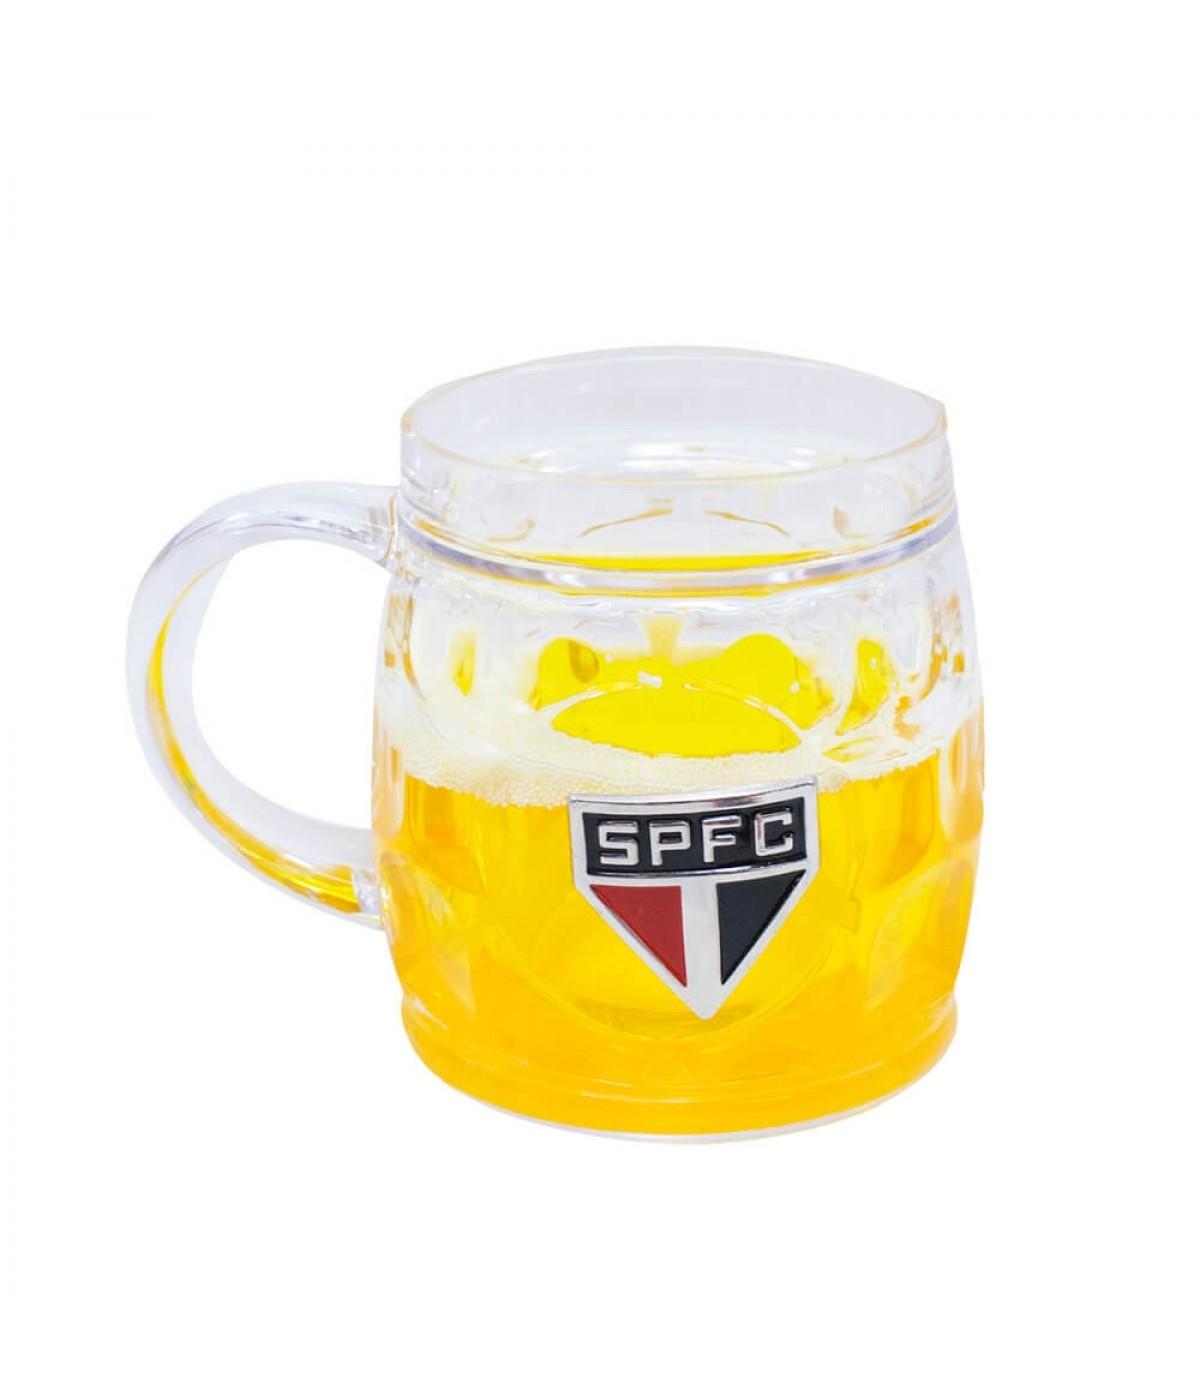 Caneca Cerveja Base Grossa 400ml - SPFC ... 222d56a1c56c6